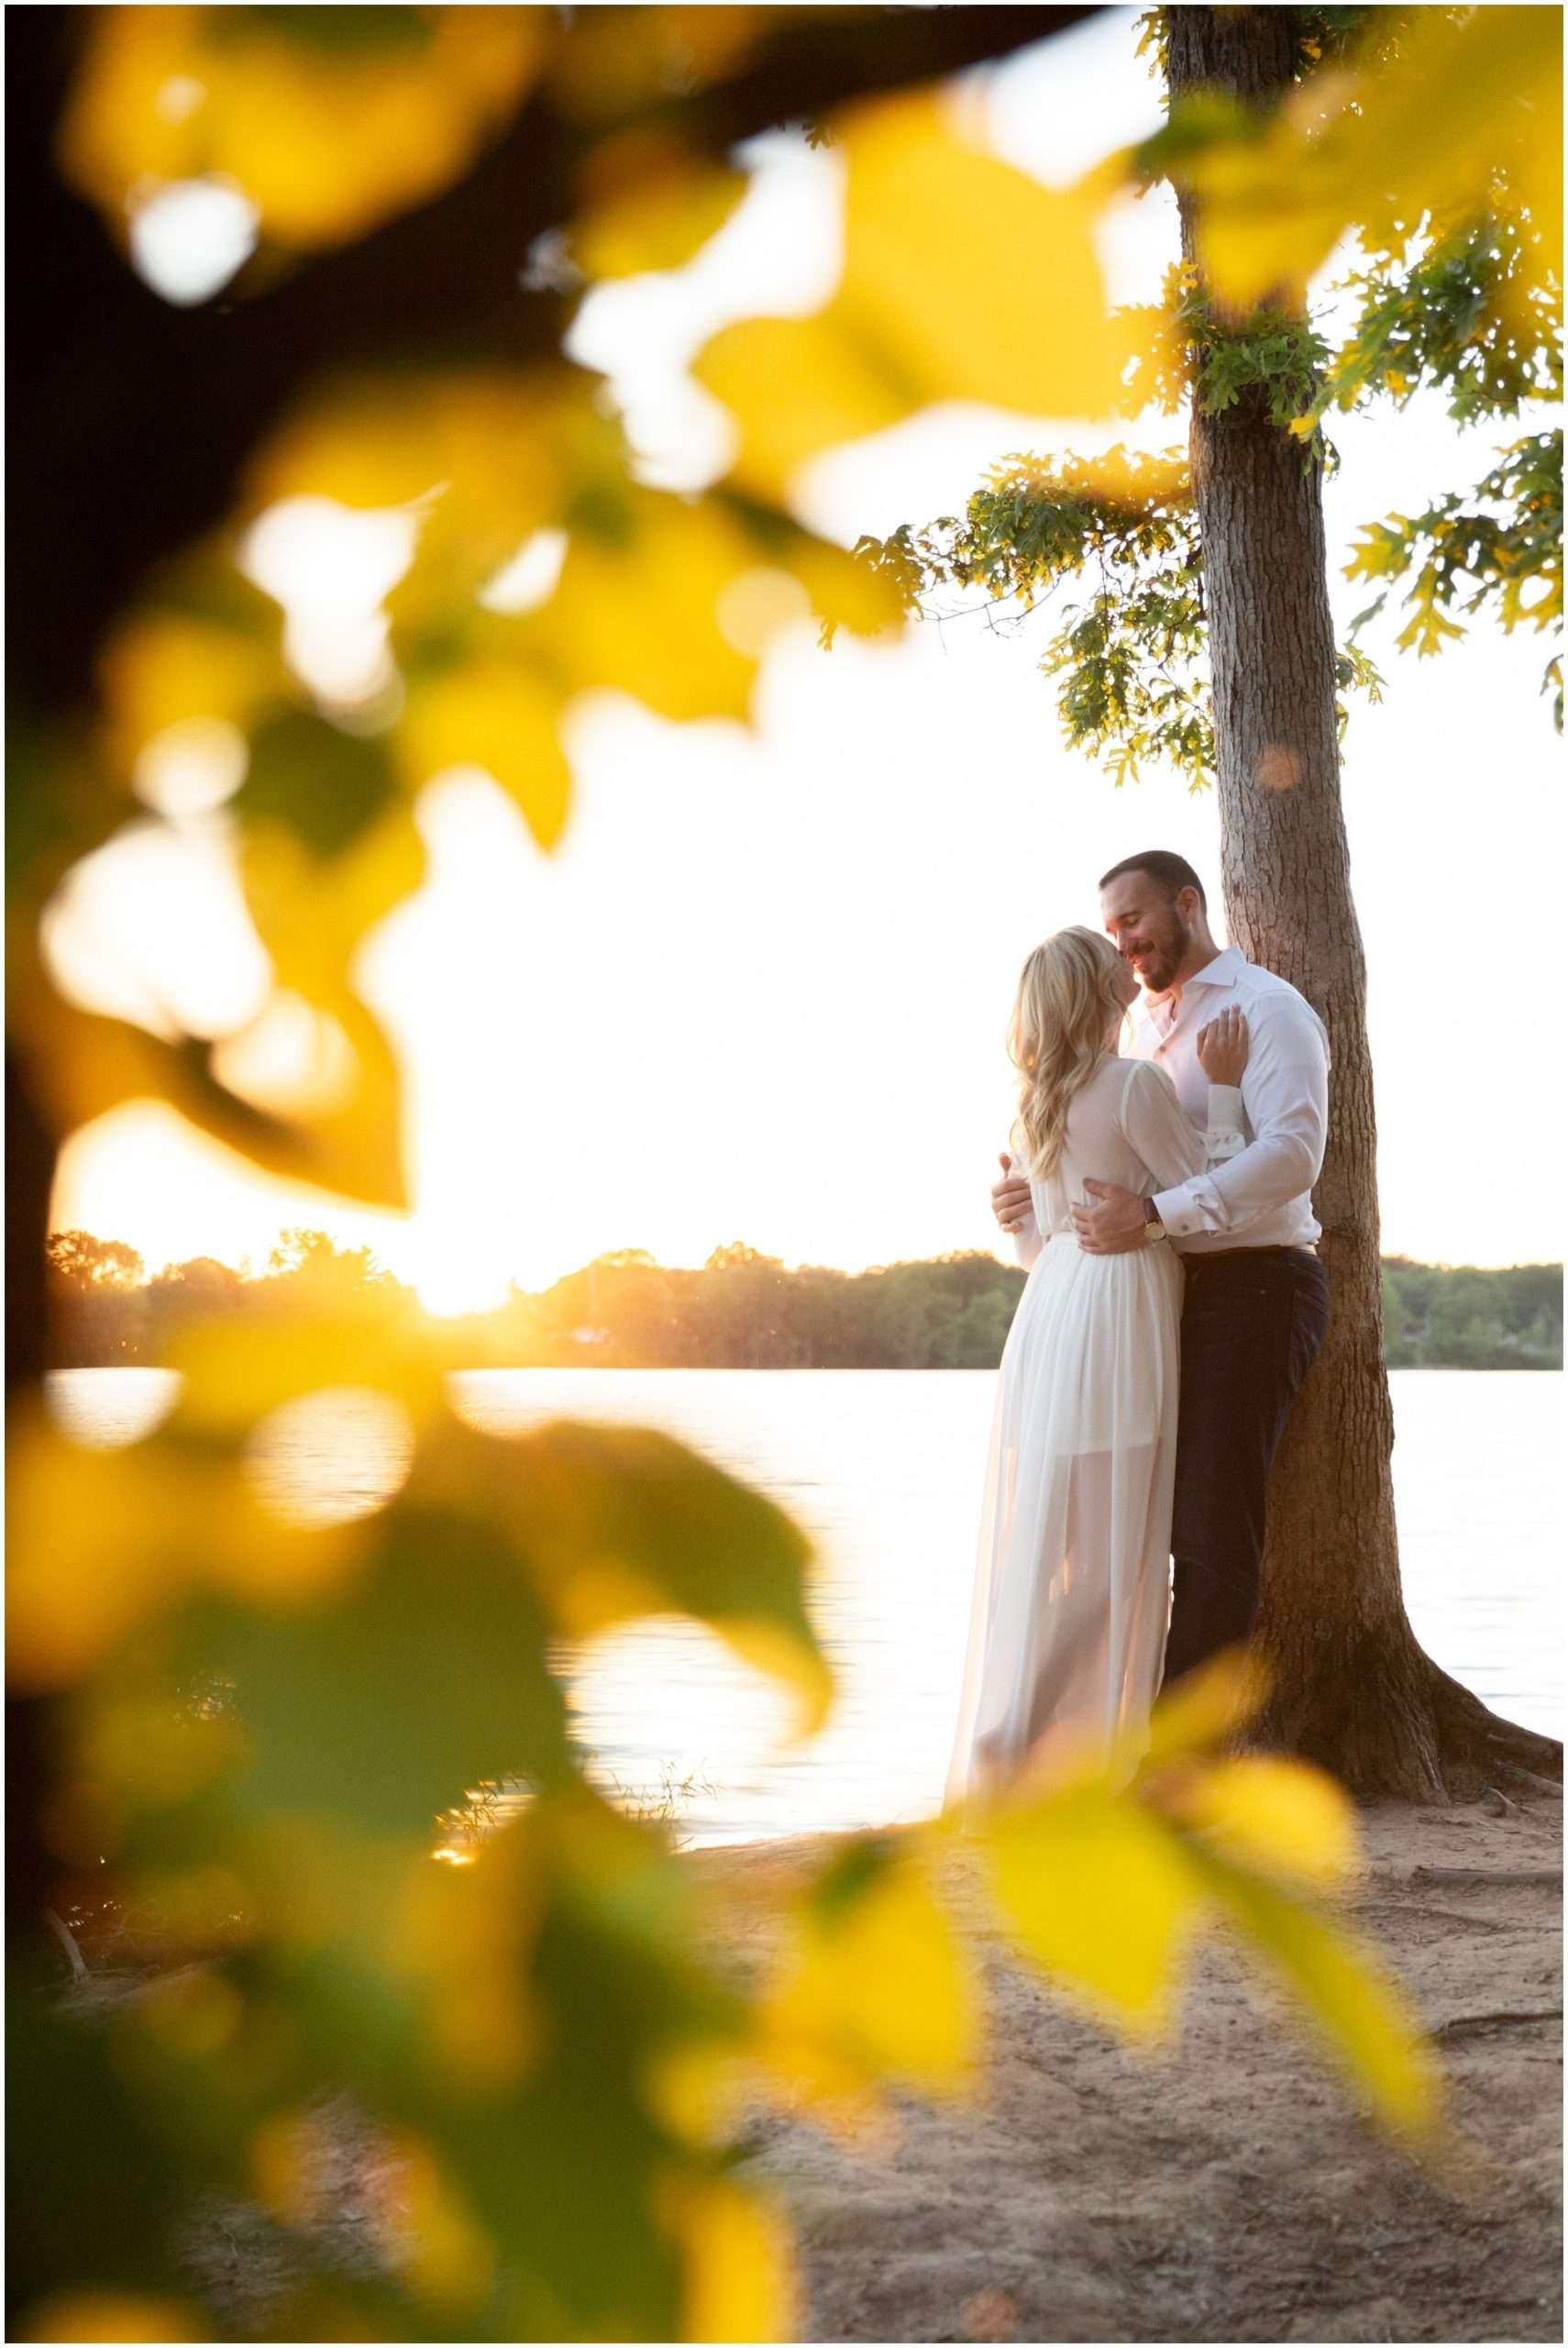 Summer Sunset Engagement Session | Columbus Ohio Photography 34